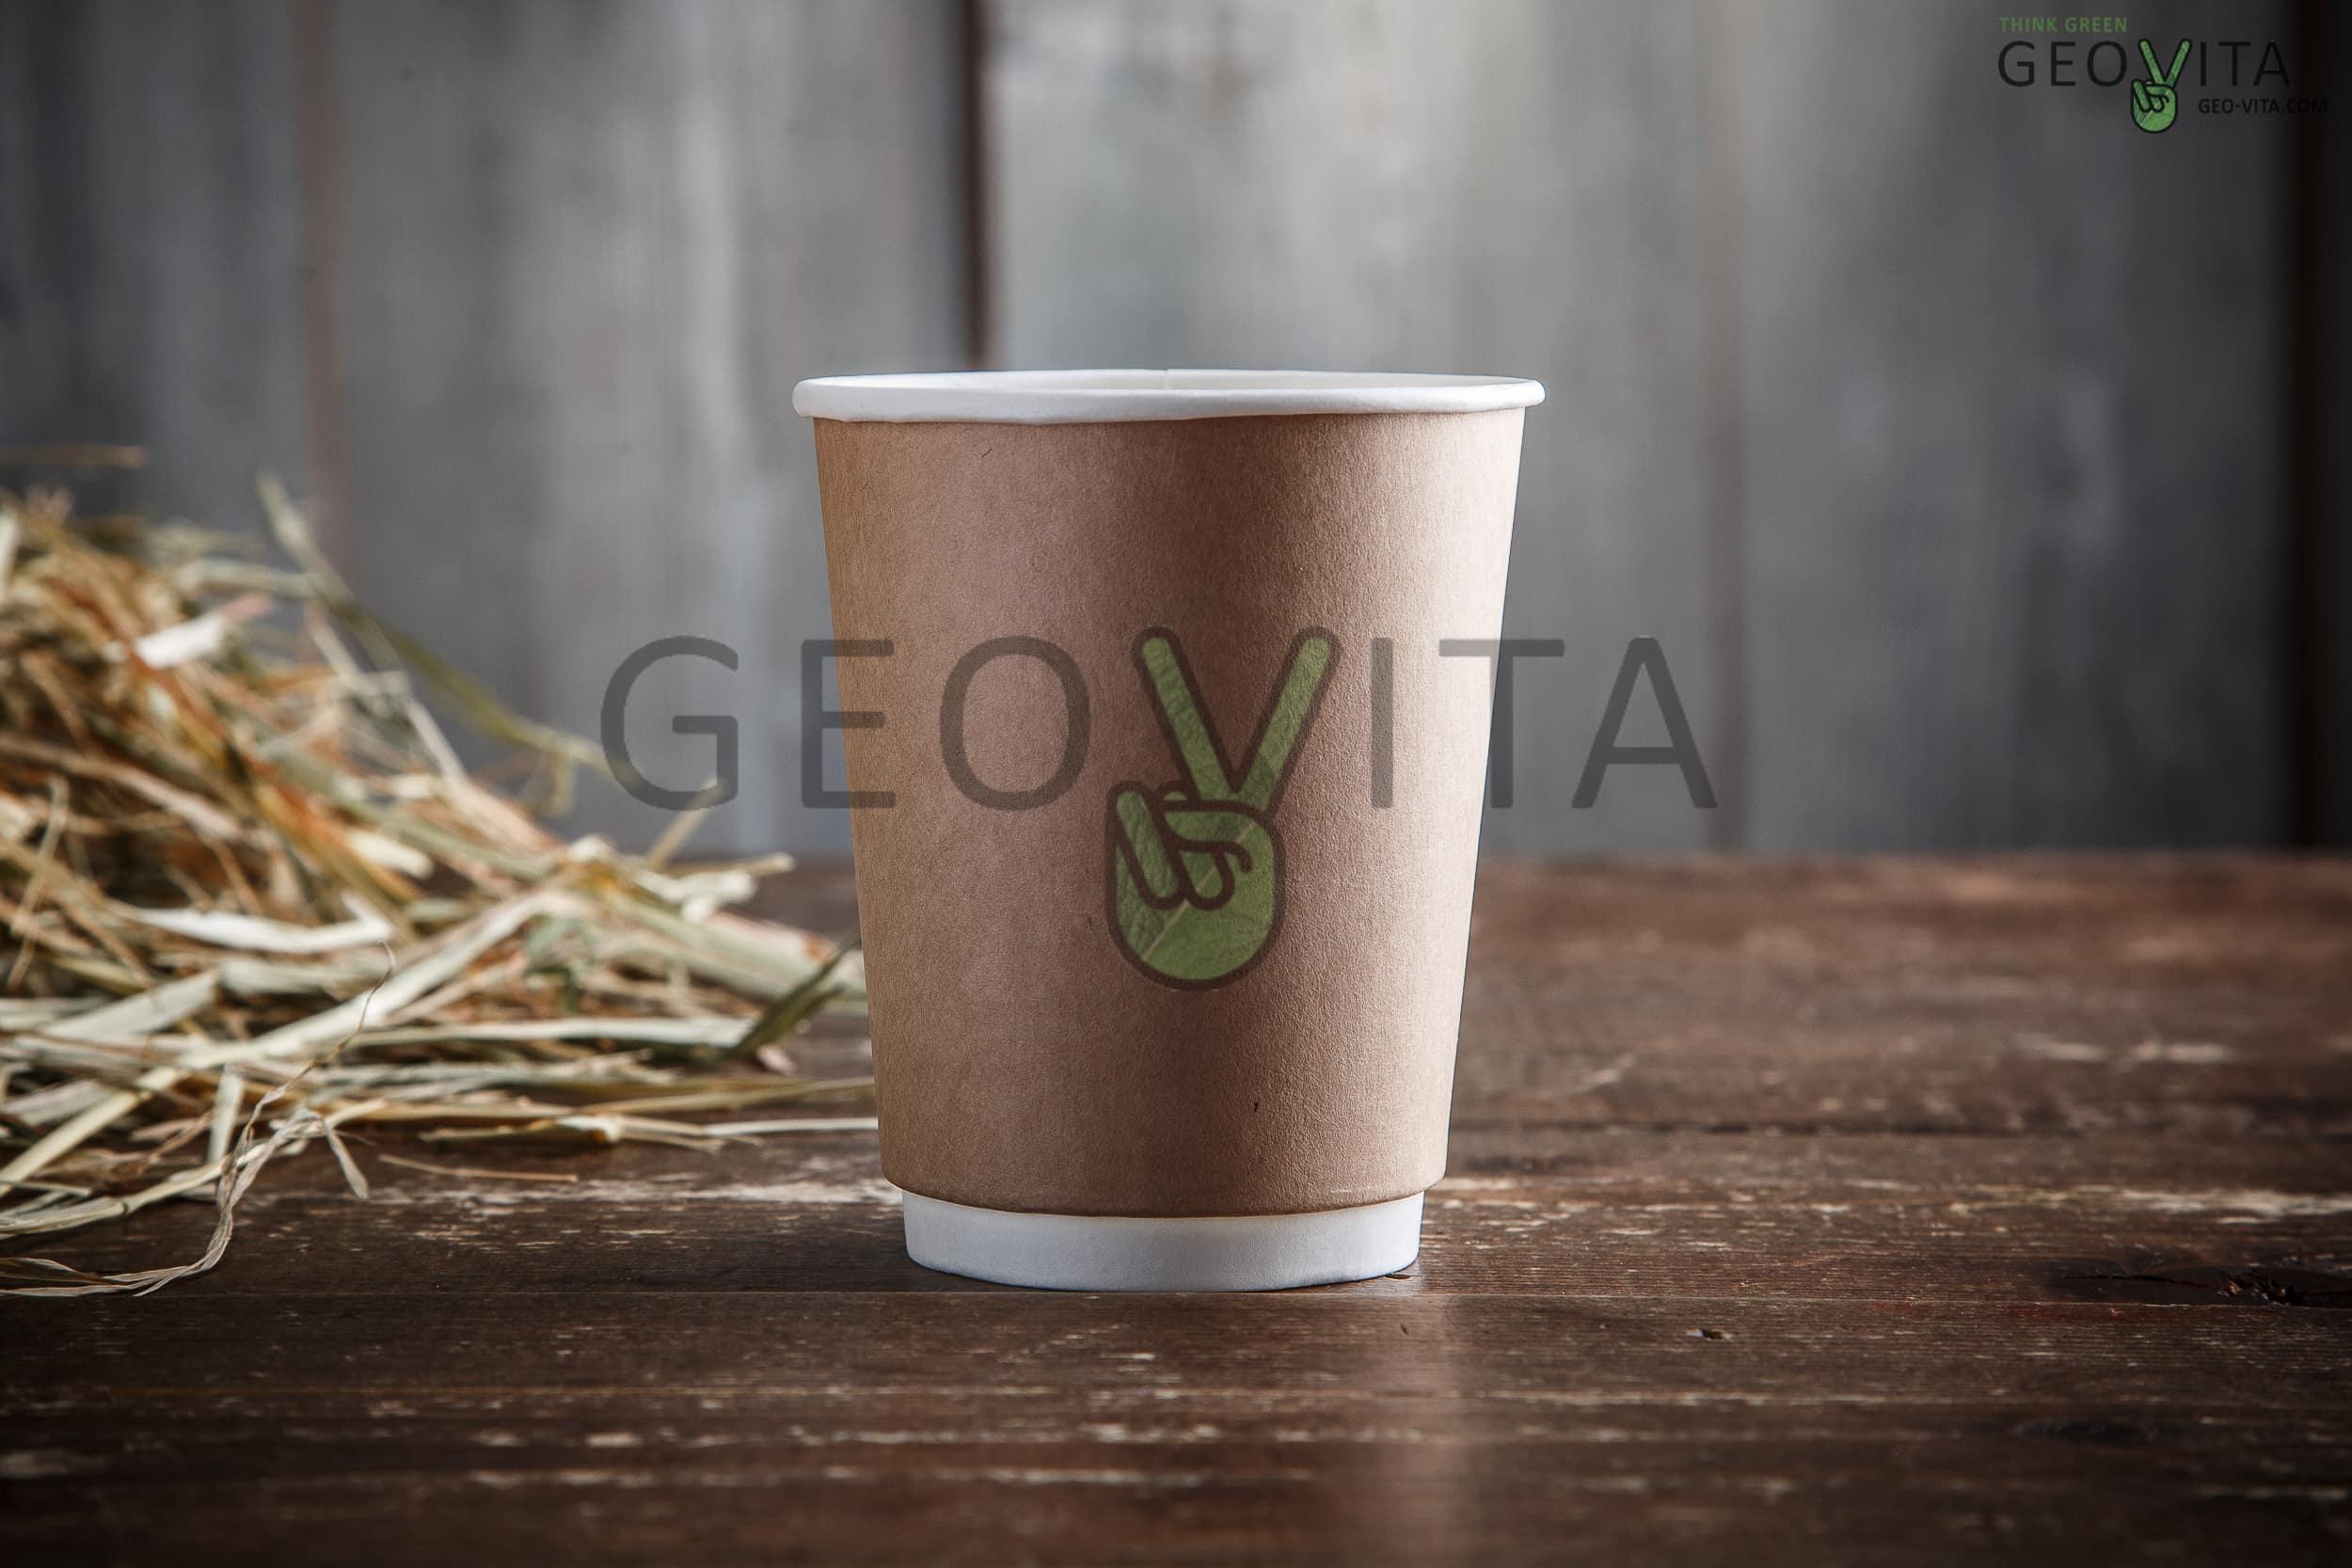 Стакан одноразовый двухслойный для кофе 250 мл © GEOVITA - Одноразовая посуда от производителя!